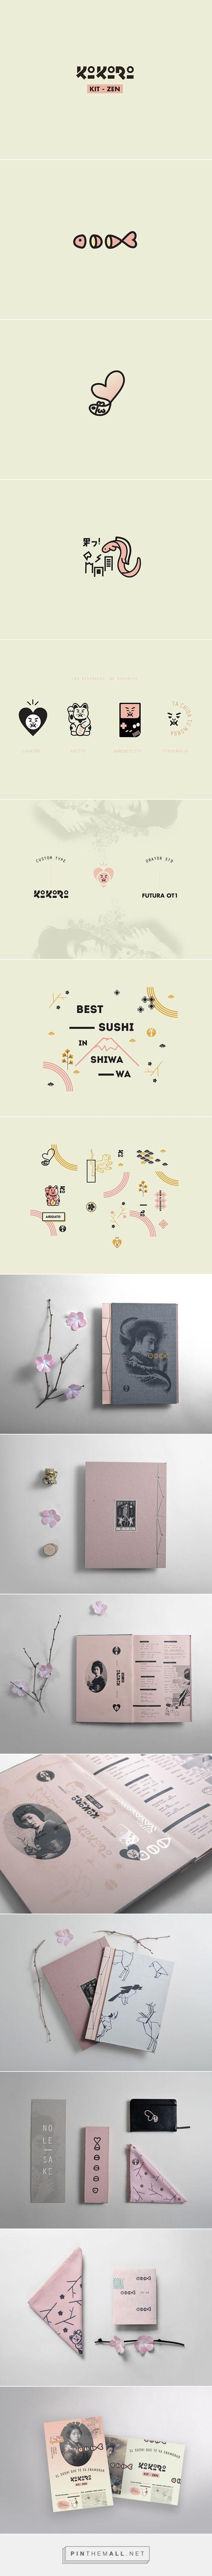 Kokoro kit zen on Behance | Fivestar Branding – Design and Branding Agency & Inspiration Gallery